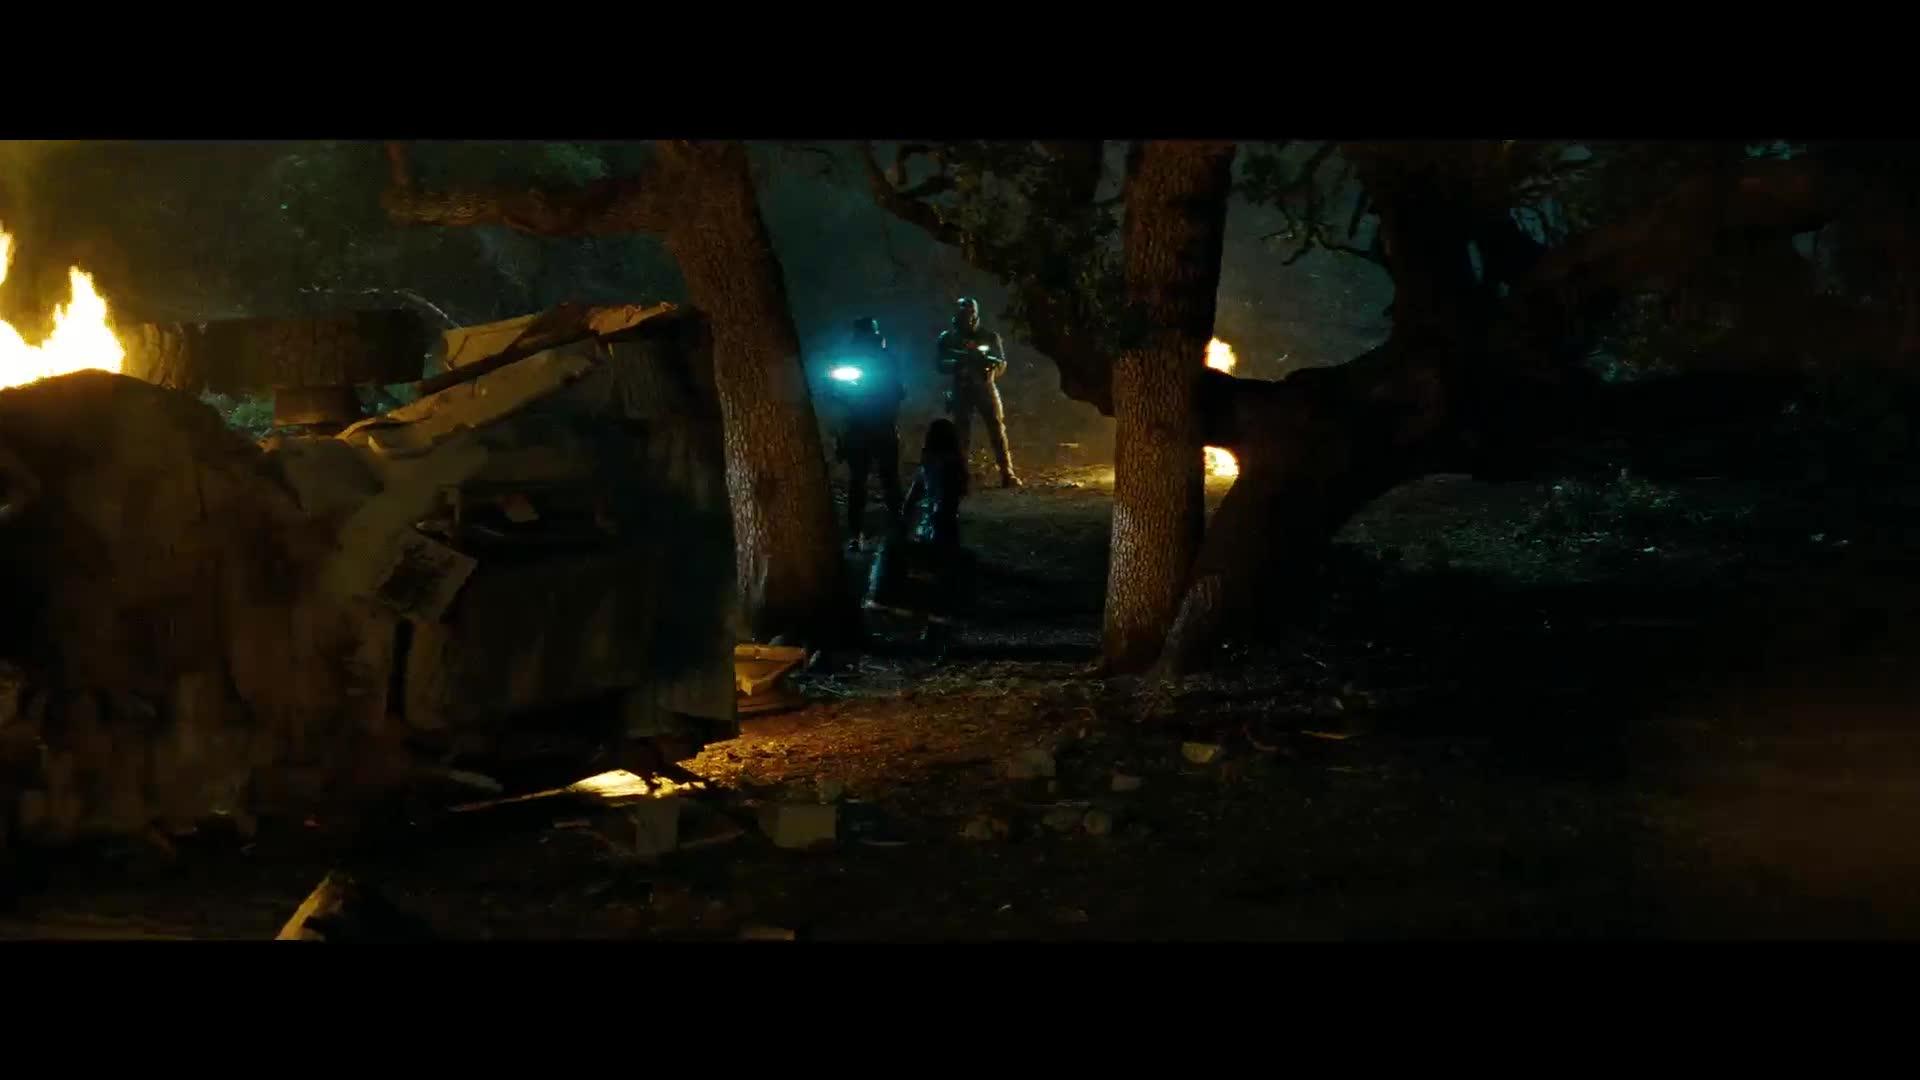 G.I. Joe The Rise of Cobra จี.ไอ.โจ สงครามพิฆาตคอบร้าทมิฬ (2009) ภาค 1